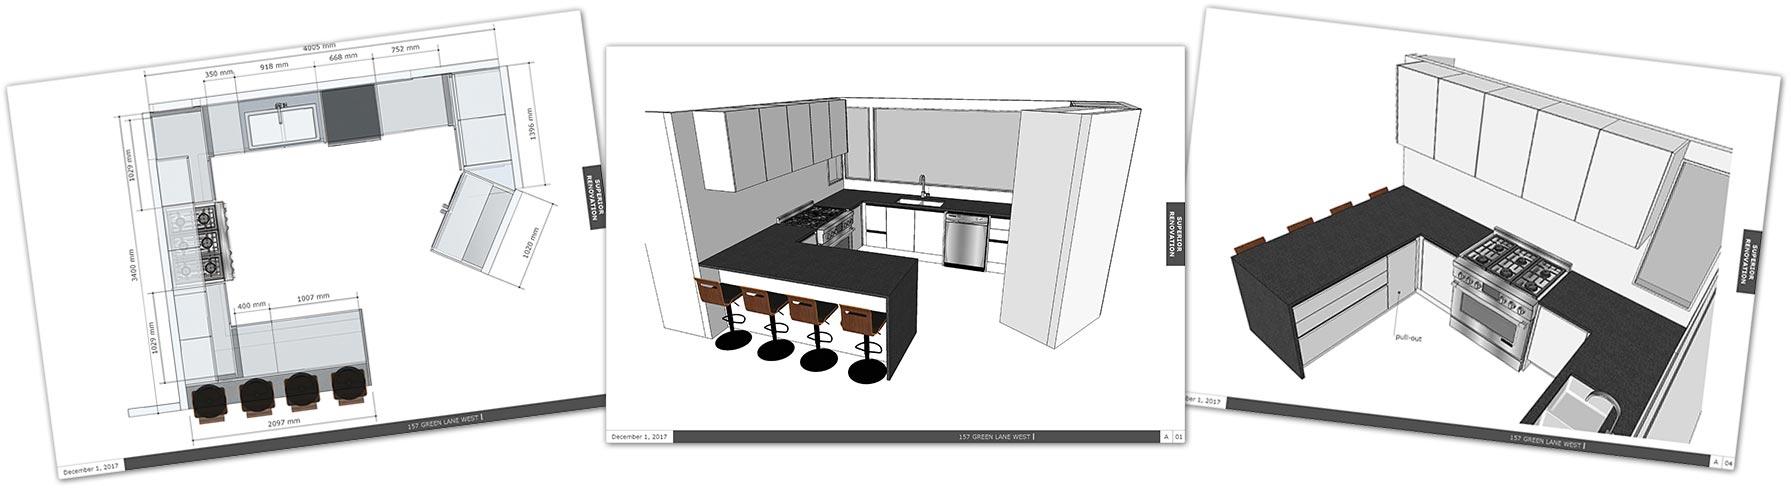 ktichen-design-plans-auckland, Kitchen Renovation, Bathroom Renovation, House Renovation Auckland